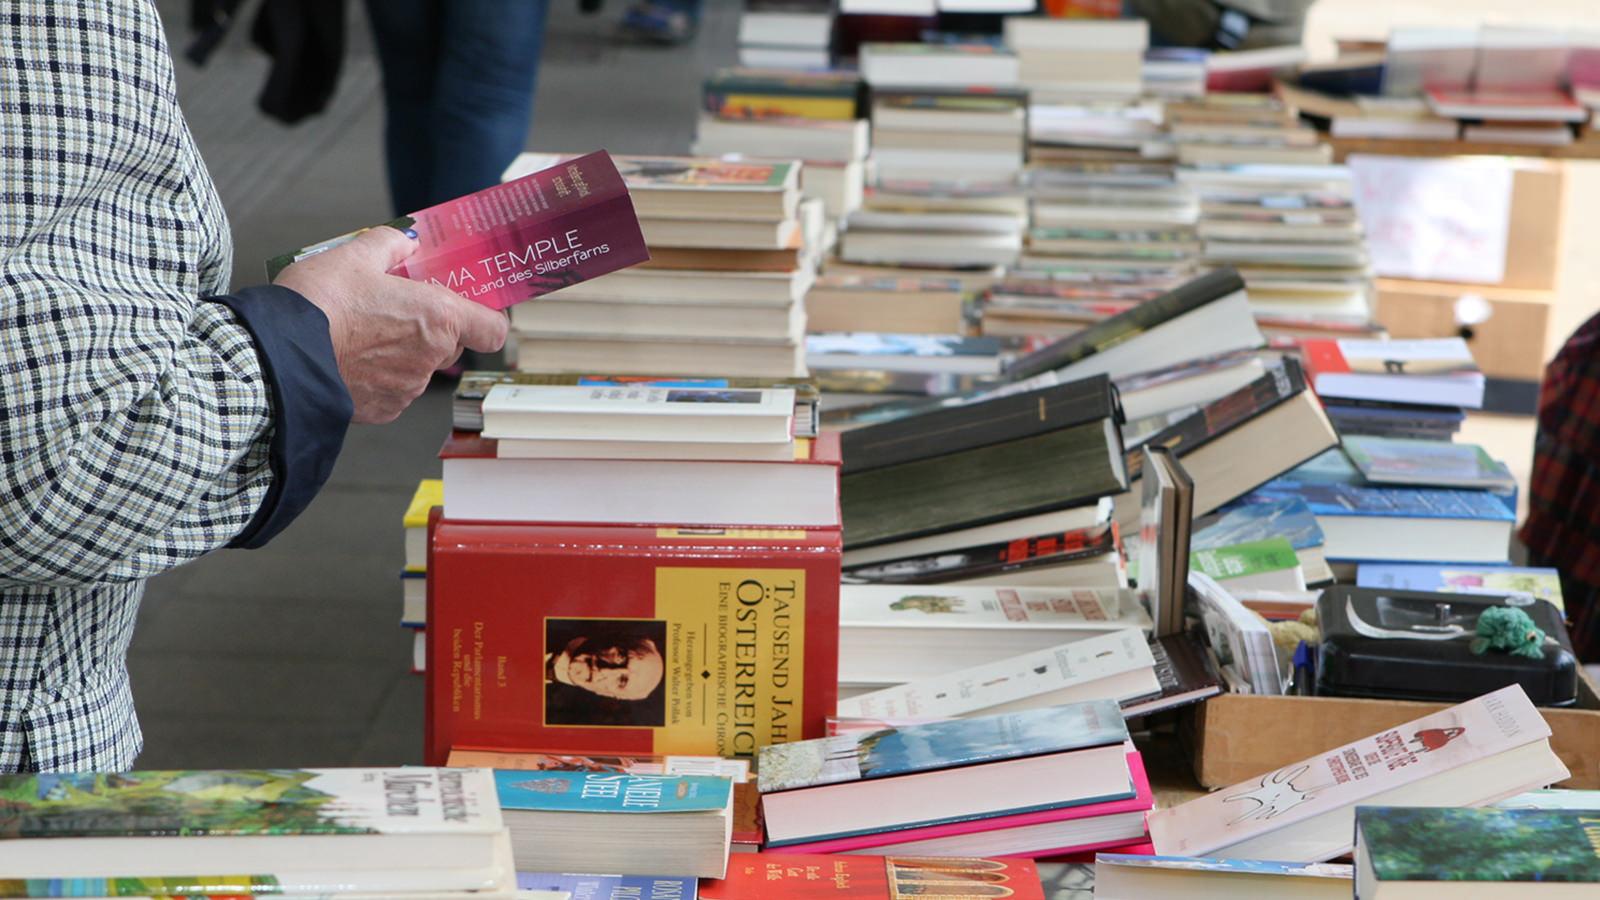 2020: Heuer kein Bücherflohmarkt mehr